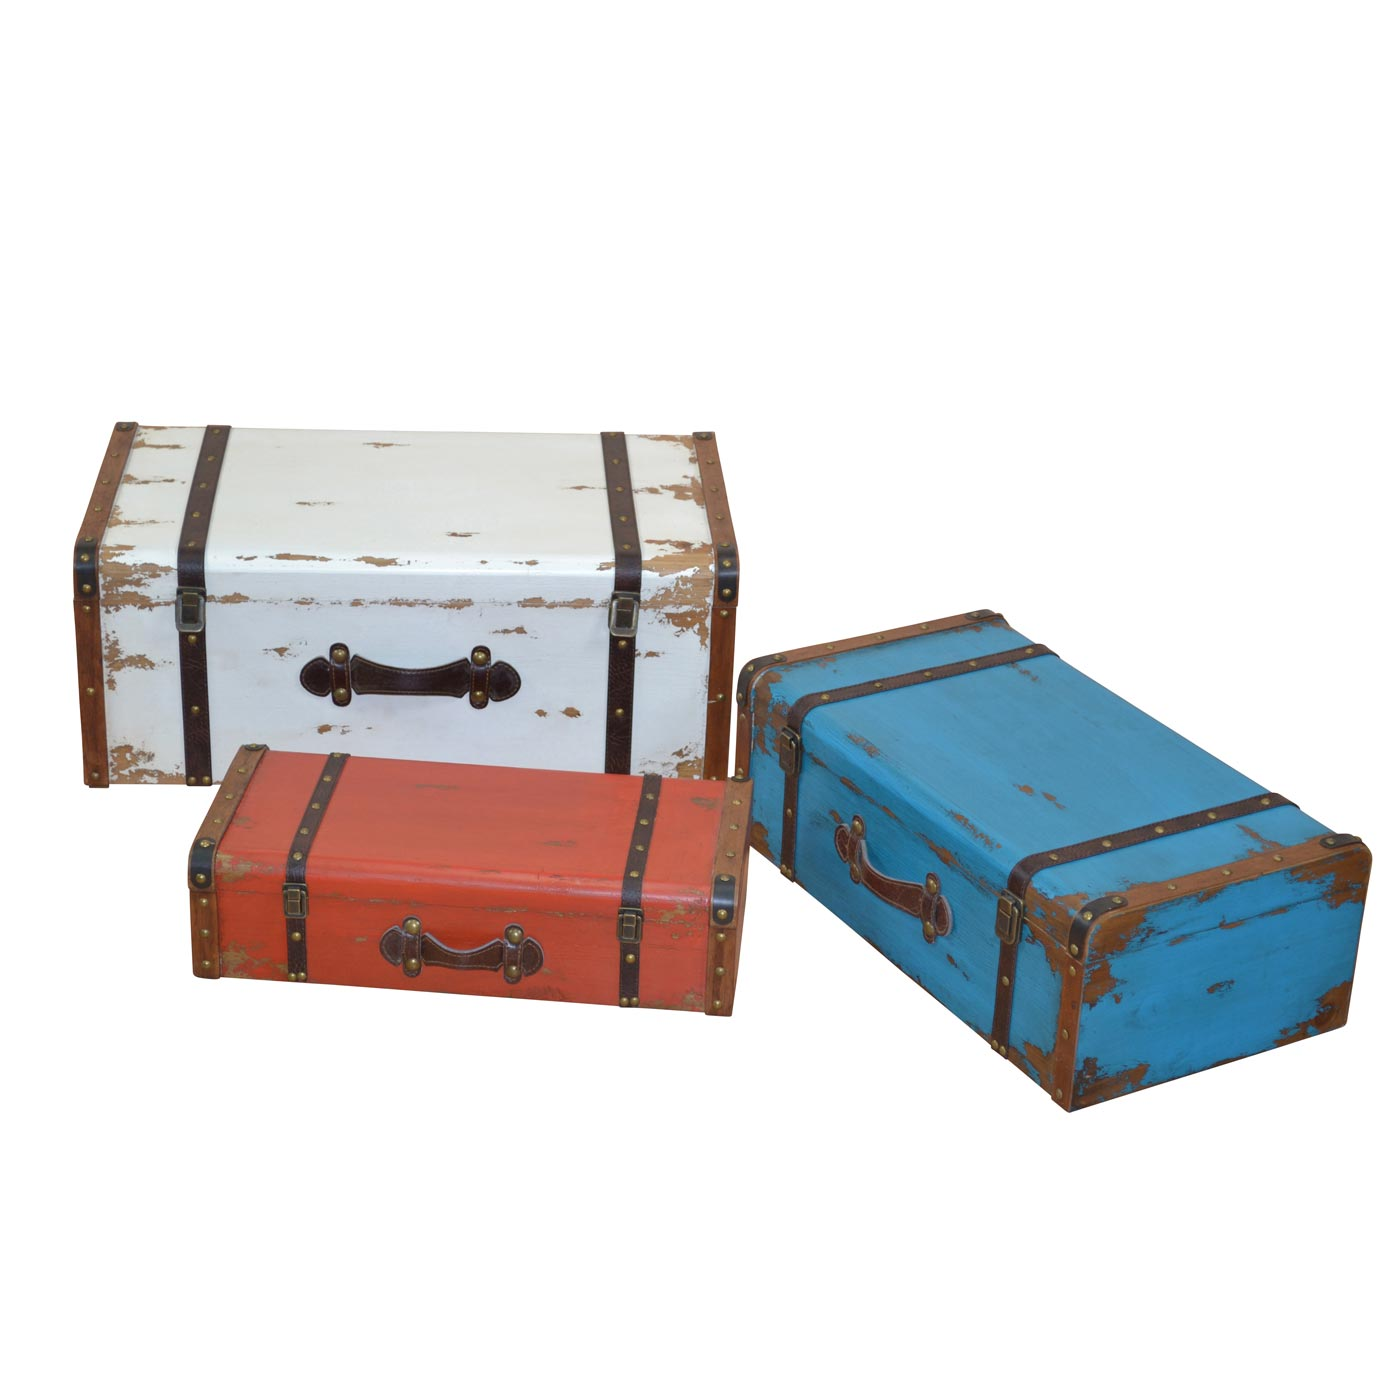 Vintage Koffer 3er set koffer h175 holzkoffer kofferset holzkoffer shabby look vintage 29x71x42cm